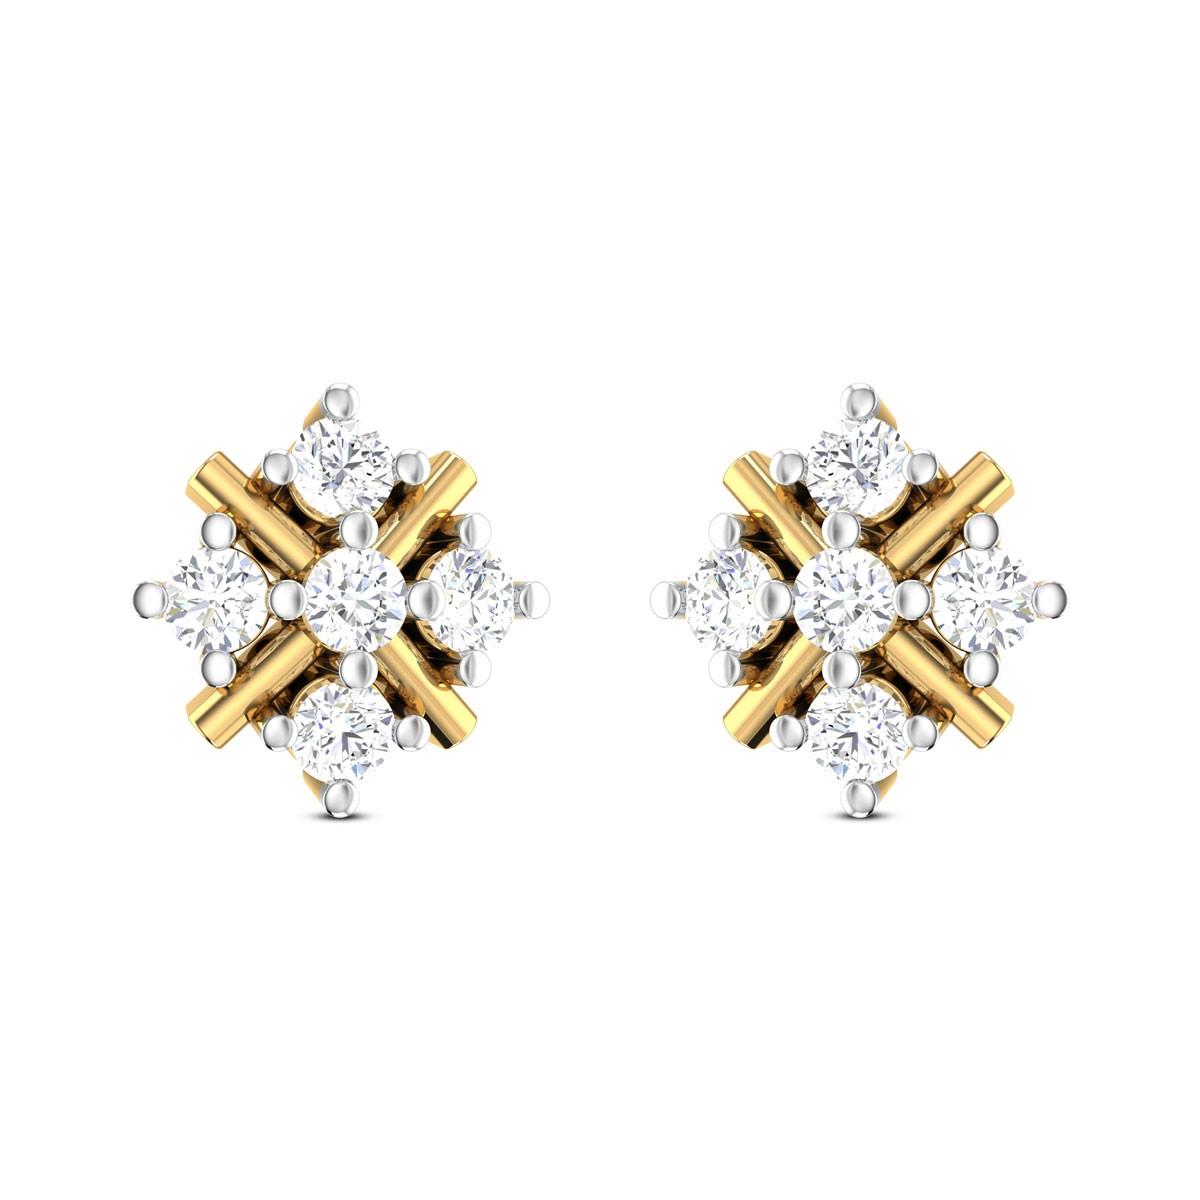 Eliana Diamond Earrings